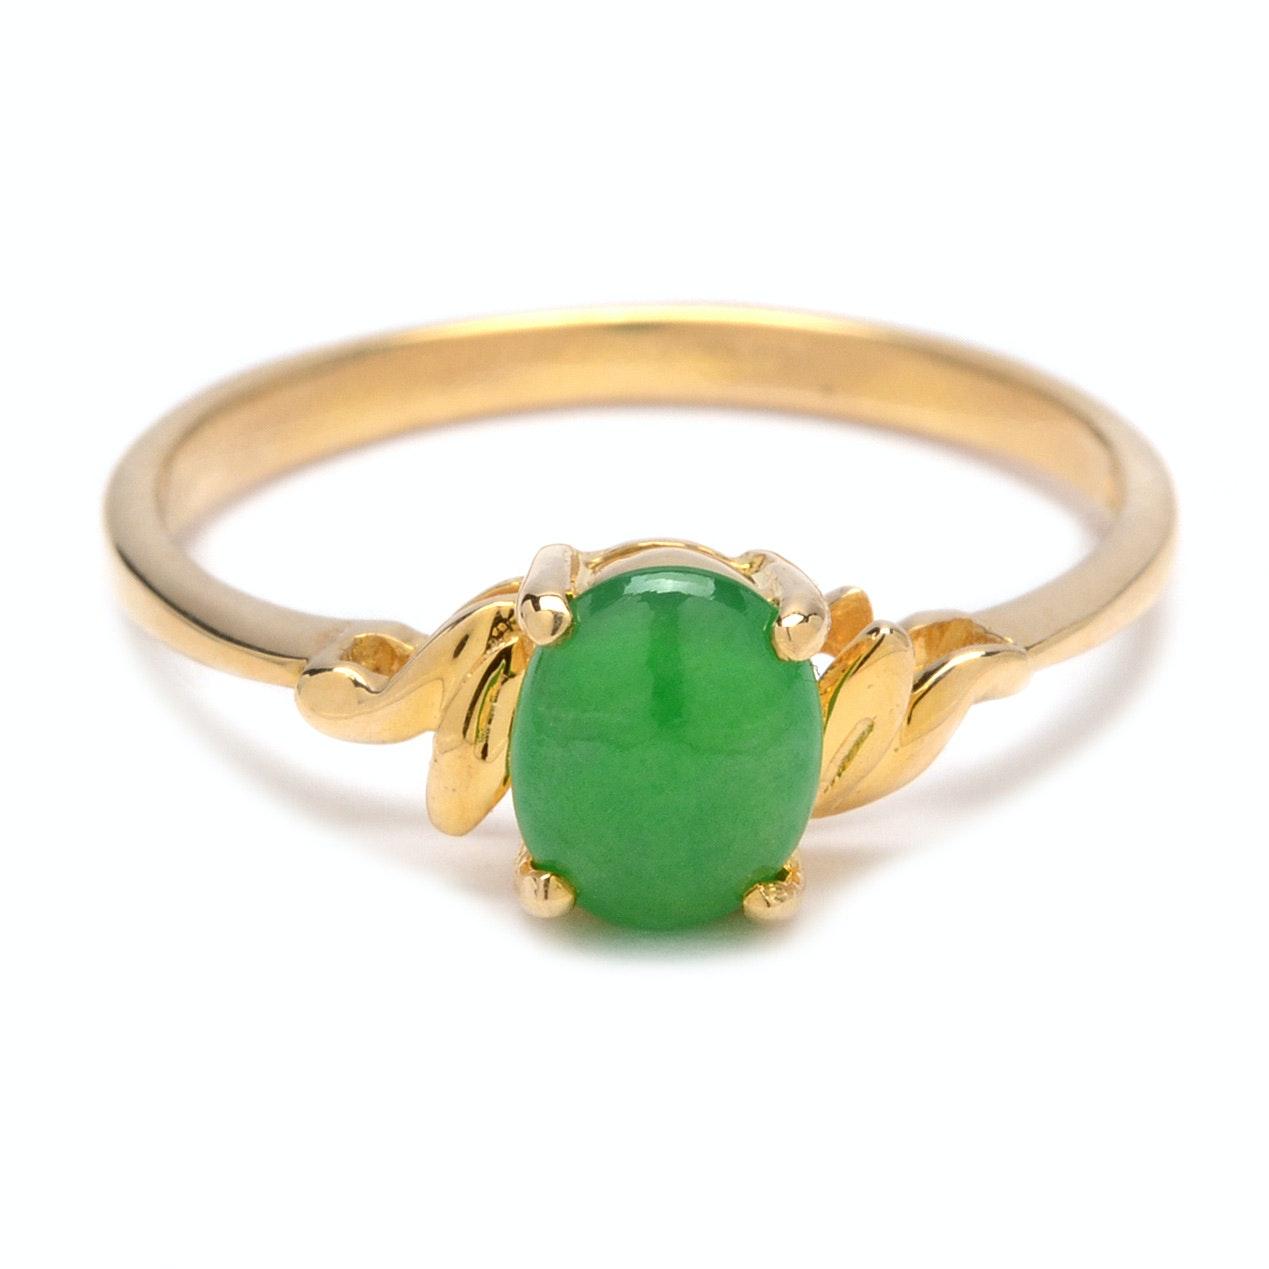 18K Yellow Gold Dyed Jadeite Ring